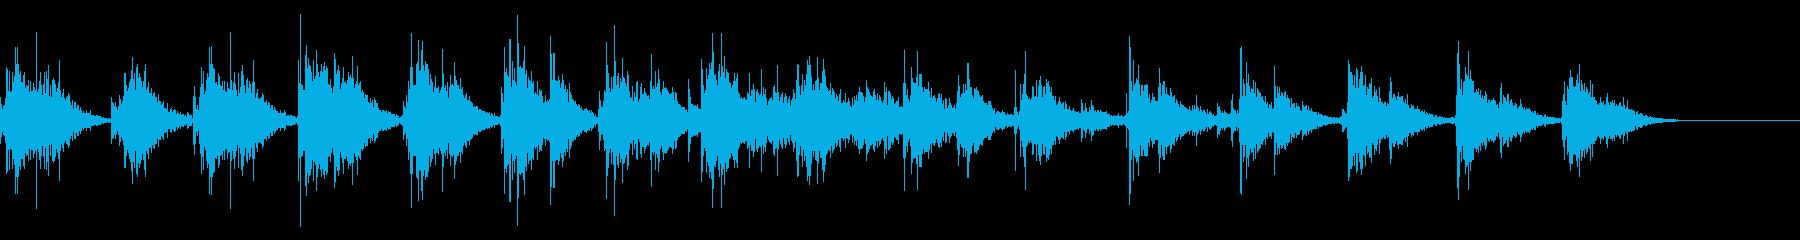 拍手と手拍子(小規模/屋内/舞台)19の再生済みの波形